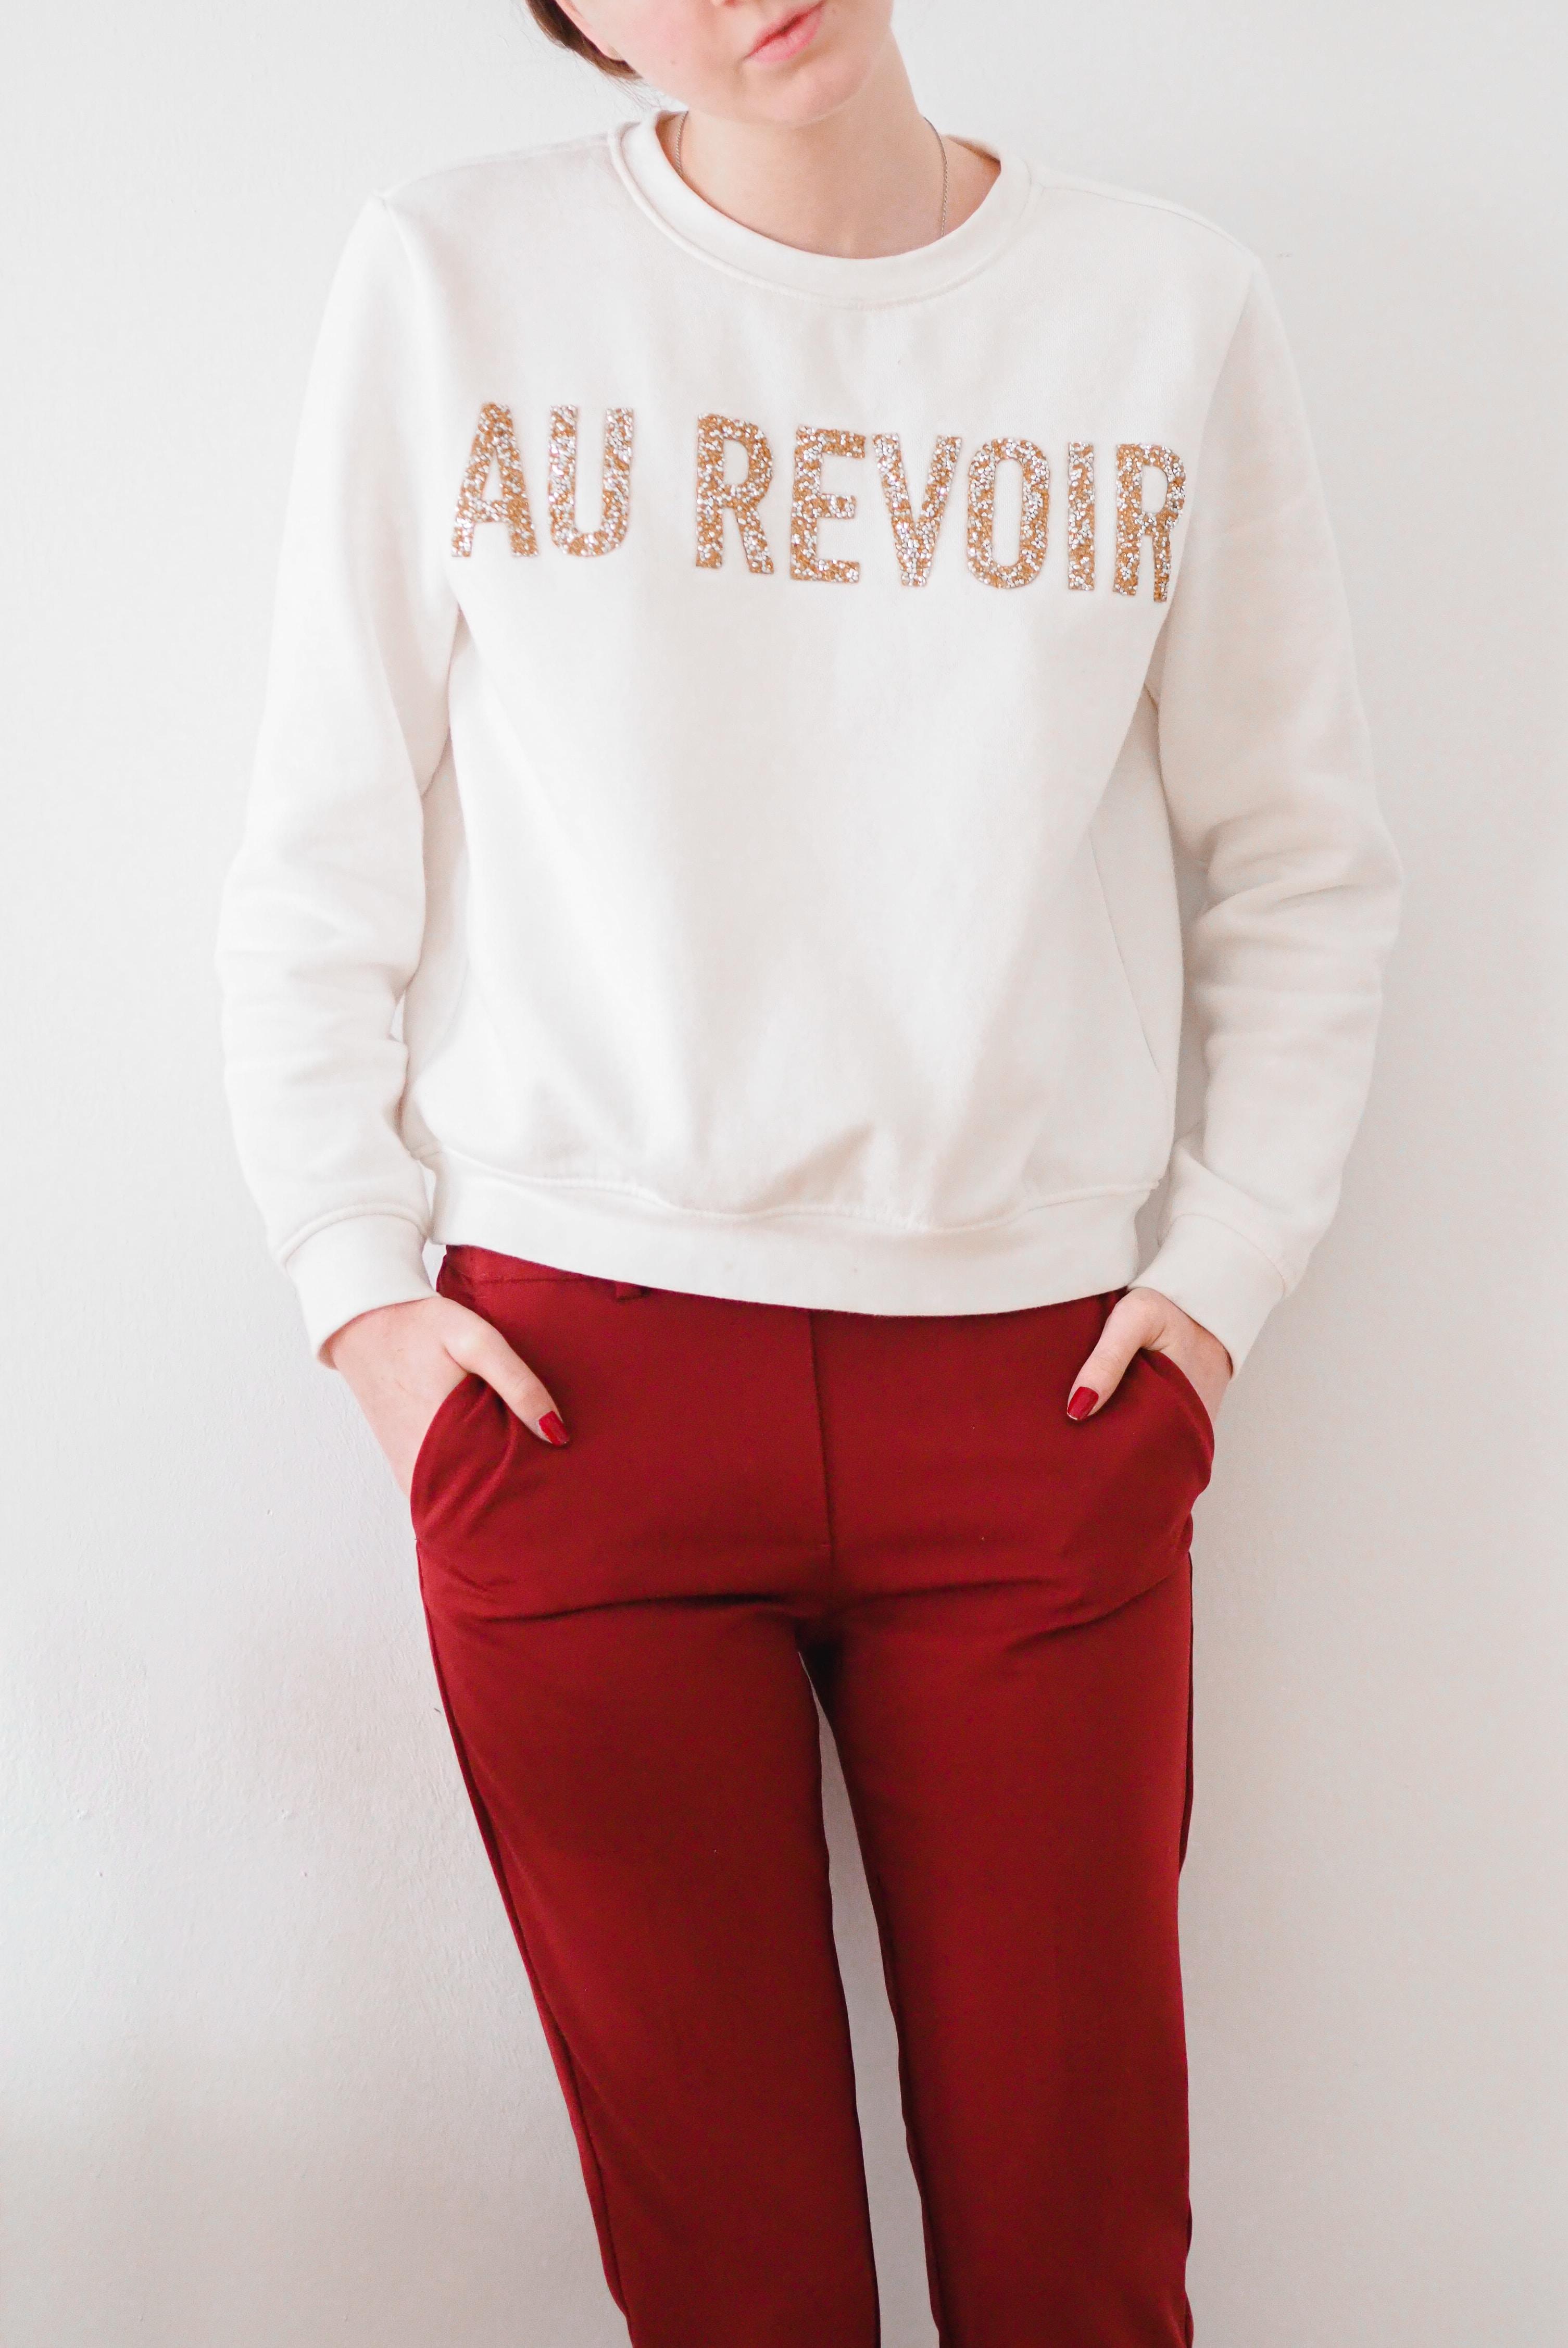 AU REVOIR - Instagram: @LauraChouette 📸 and www.laurachouette.com 🌐